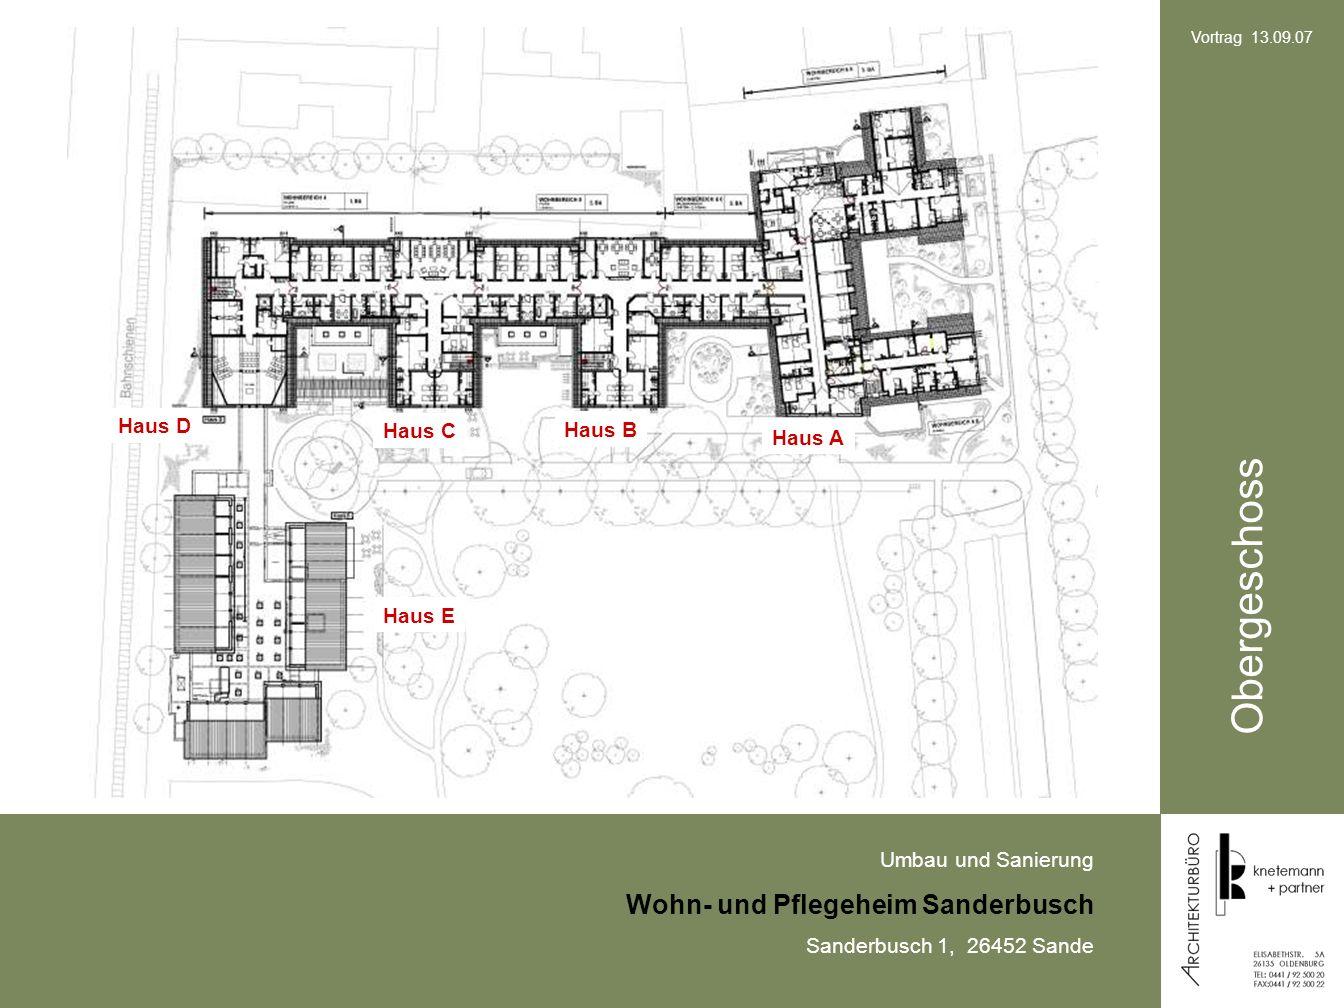 Umbau und Sanierung Wohn- und Pflegeheim Sanderbusch Sanderbusch 1, 26452 Sande Vortrag 13.09.07 Obergeschoss Haus A Haus B Haus C Haus D Haus E